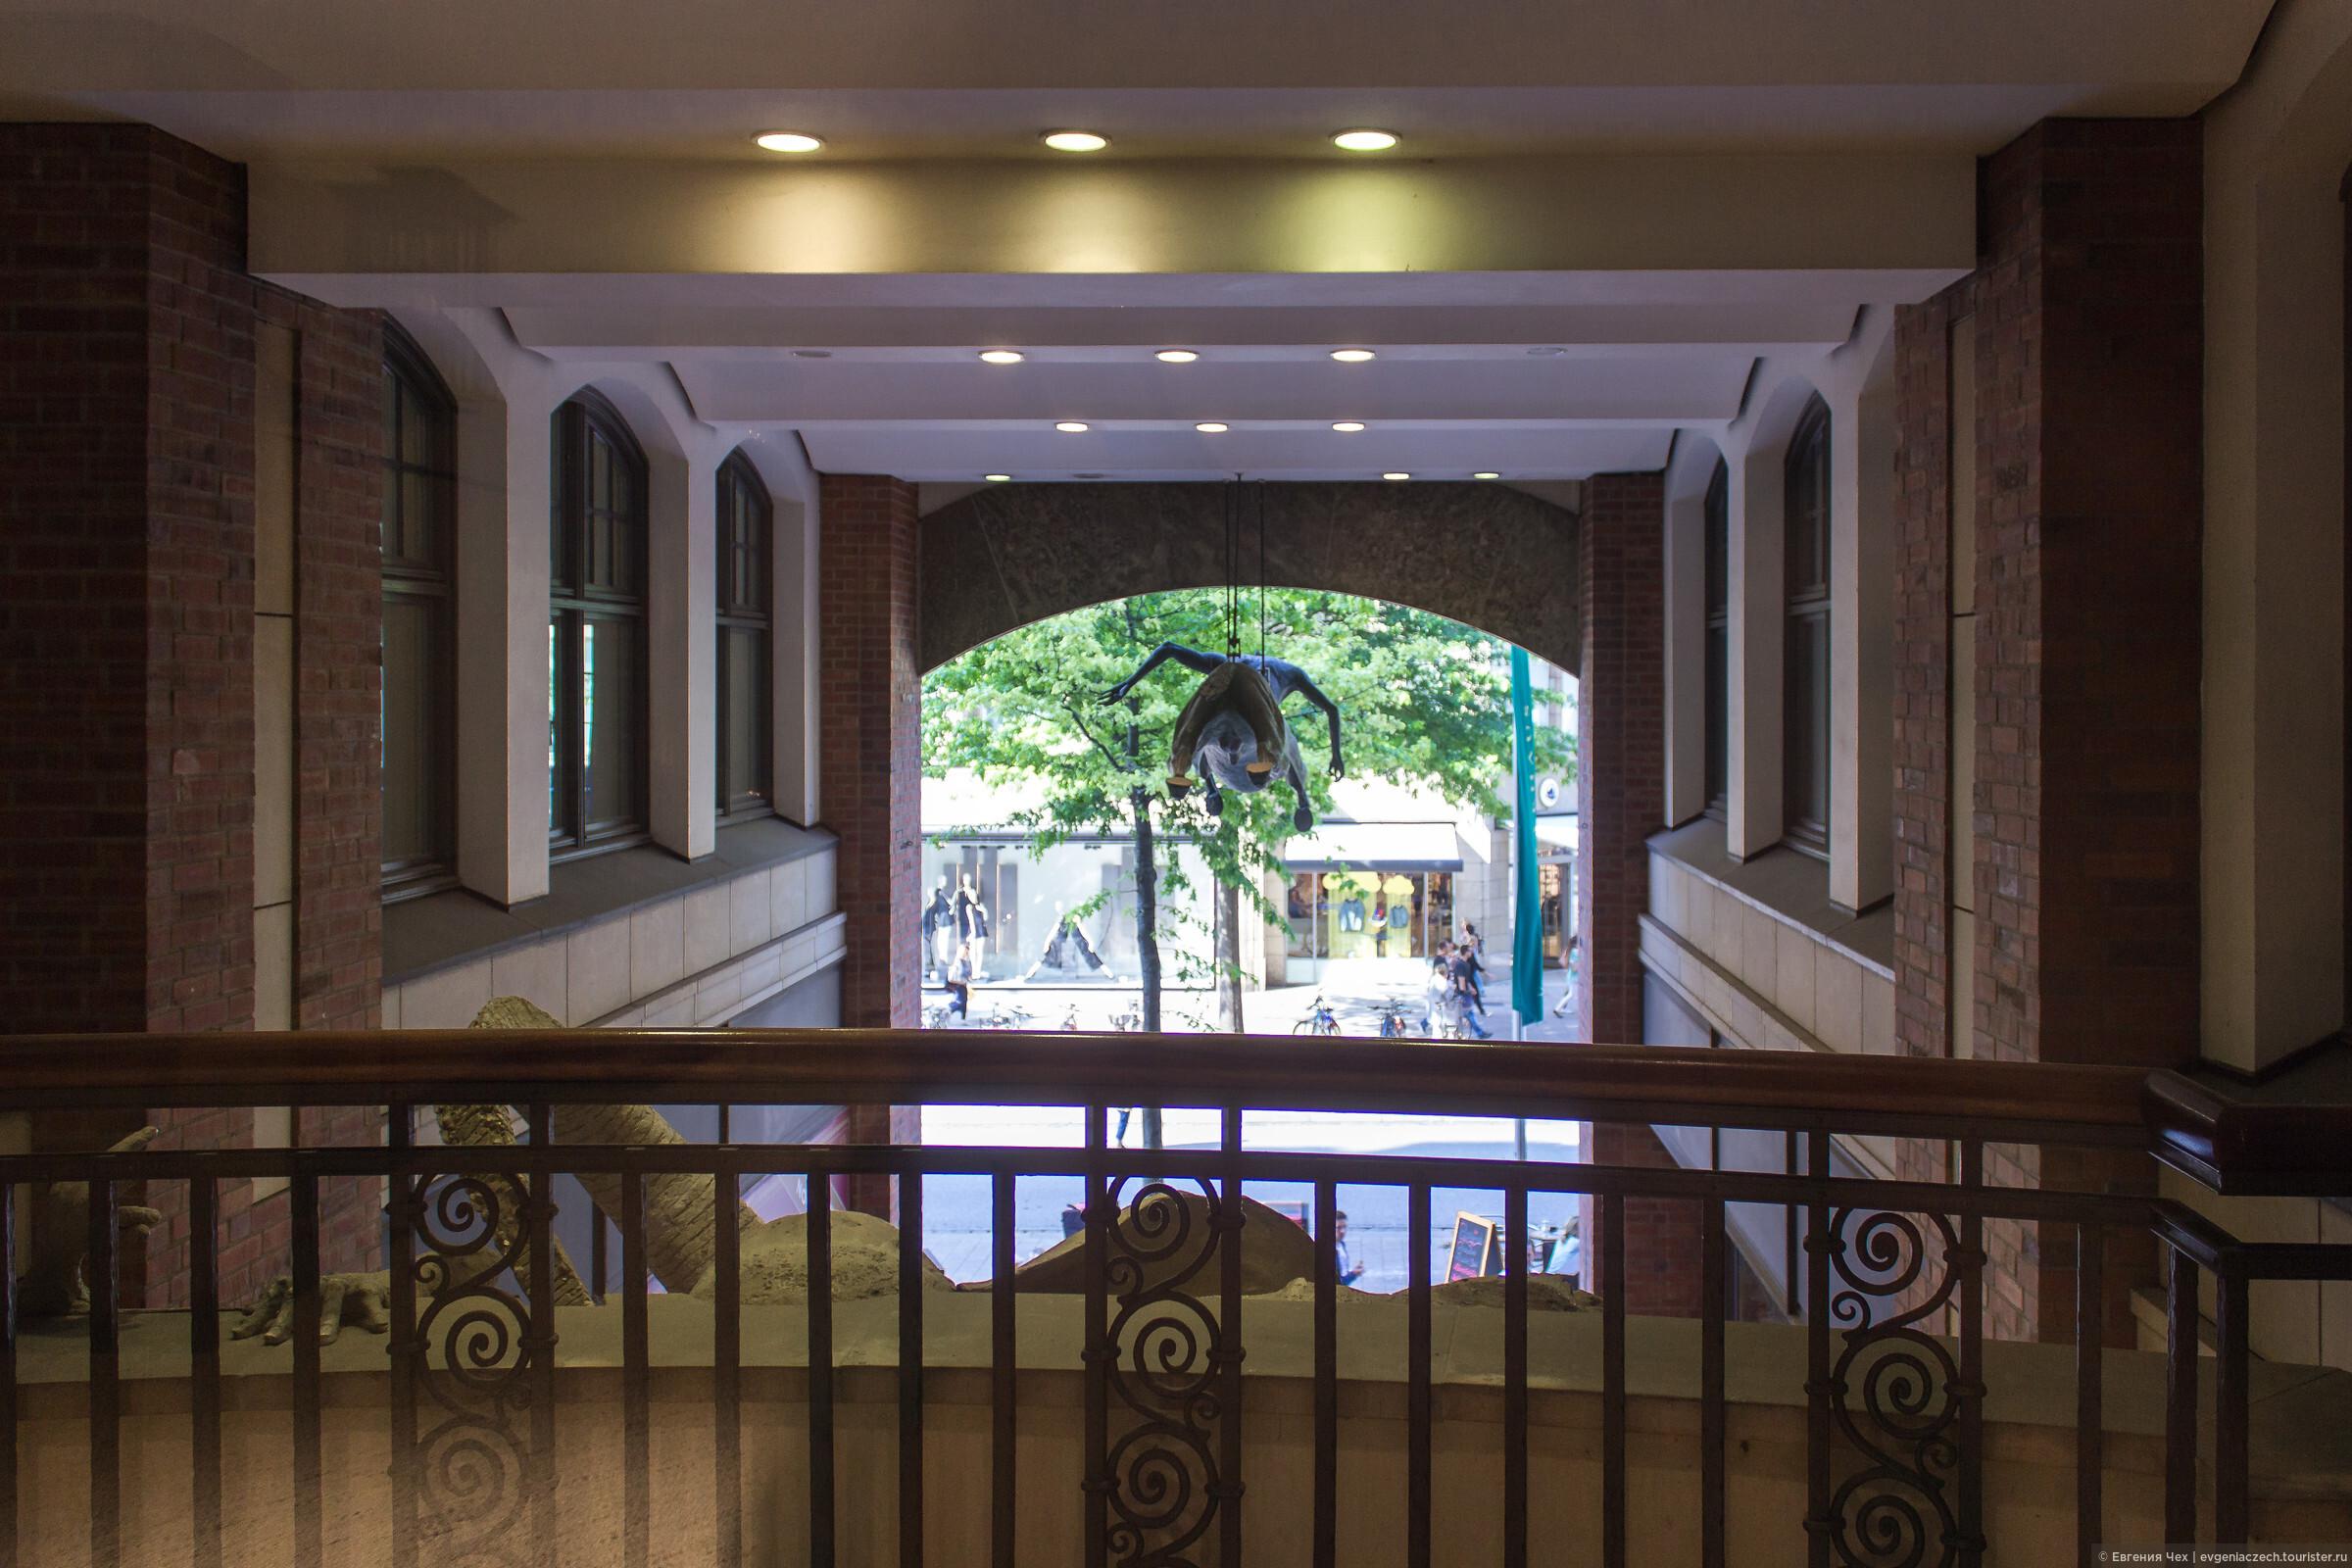 """Изображение балкон из фотоальбома """"прогулка 8. гамбургские п."""